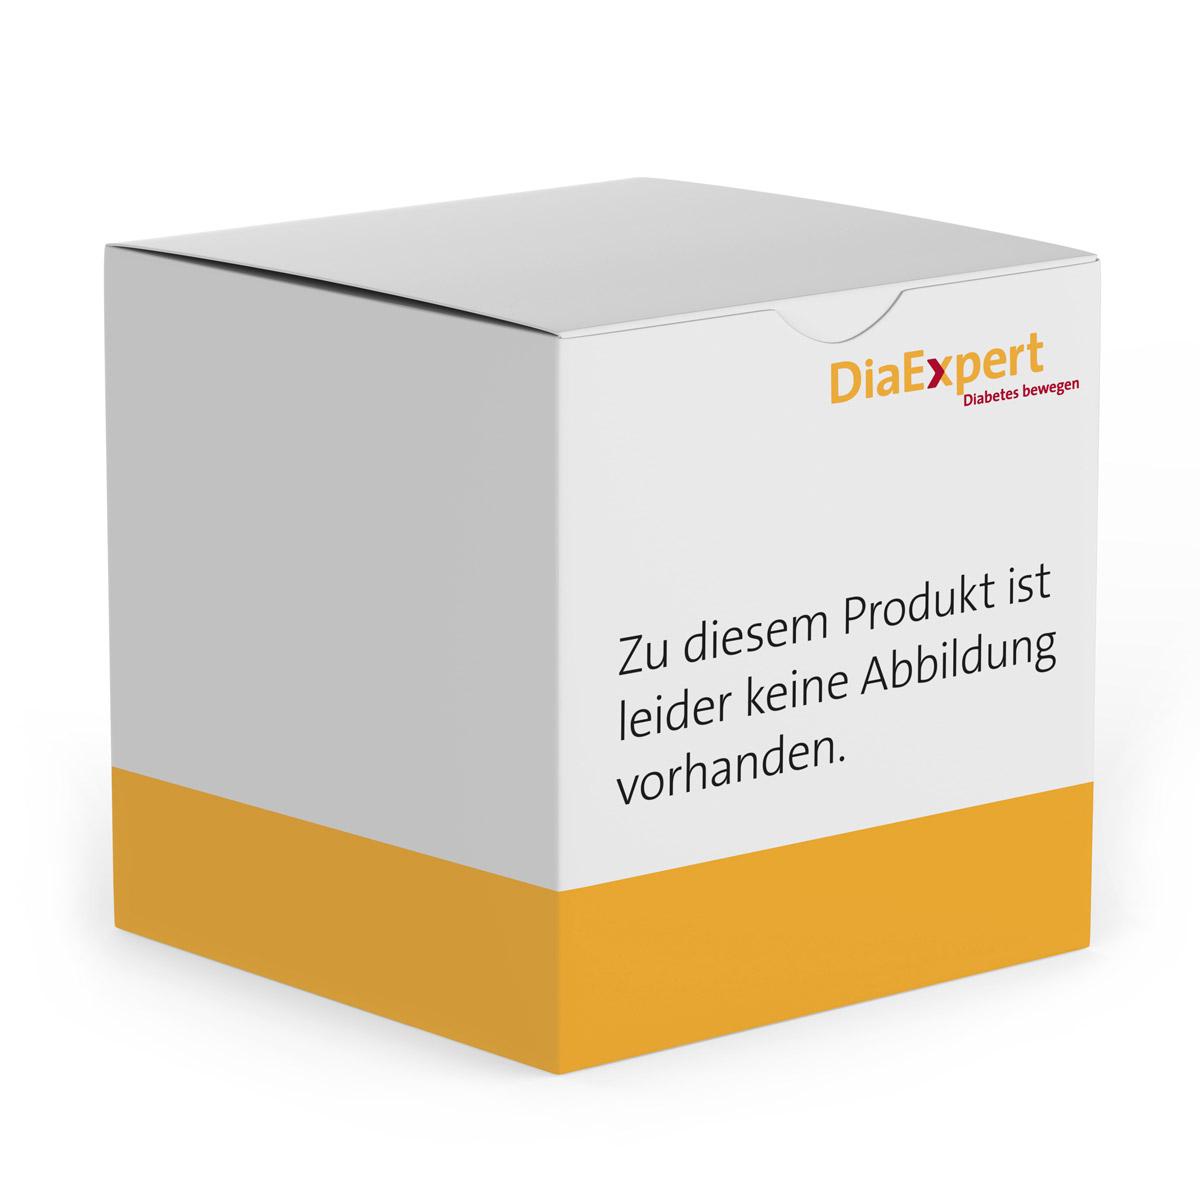 Lieferung mit DHL, Hermes, DPD